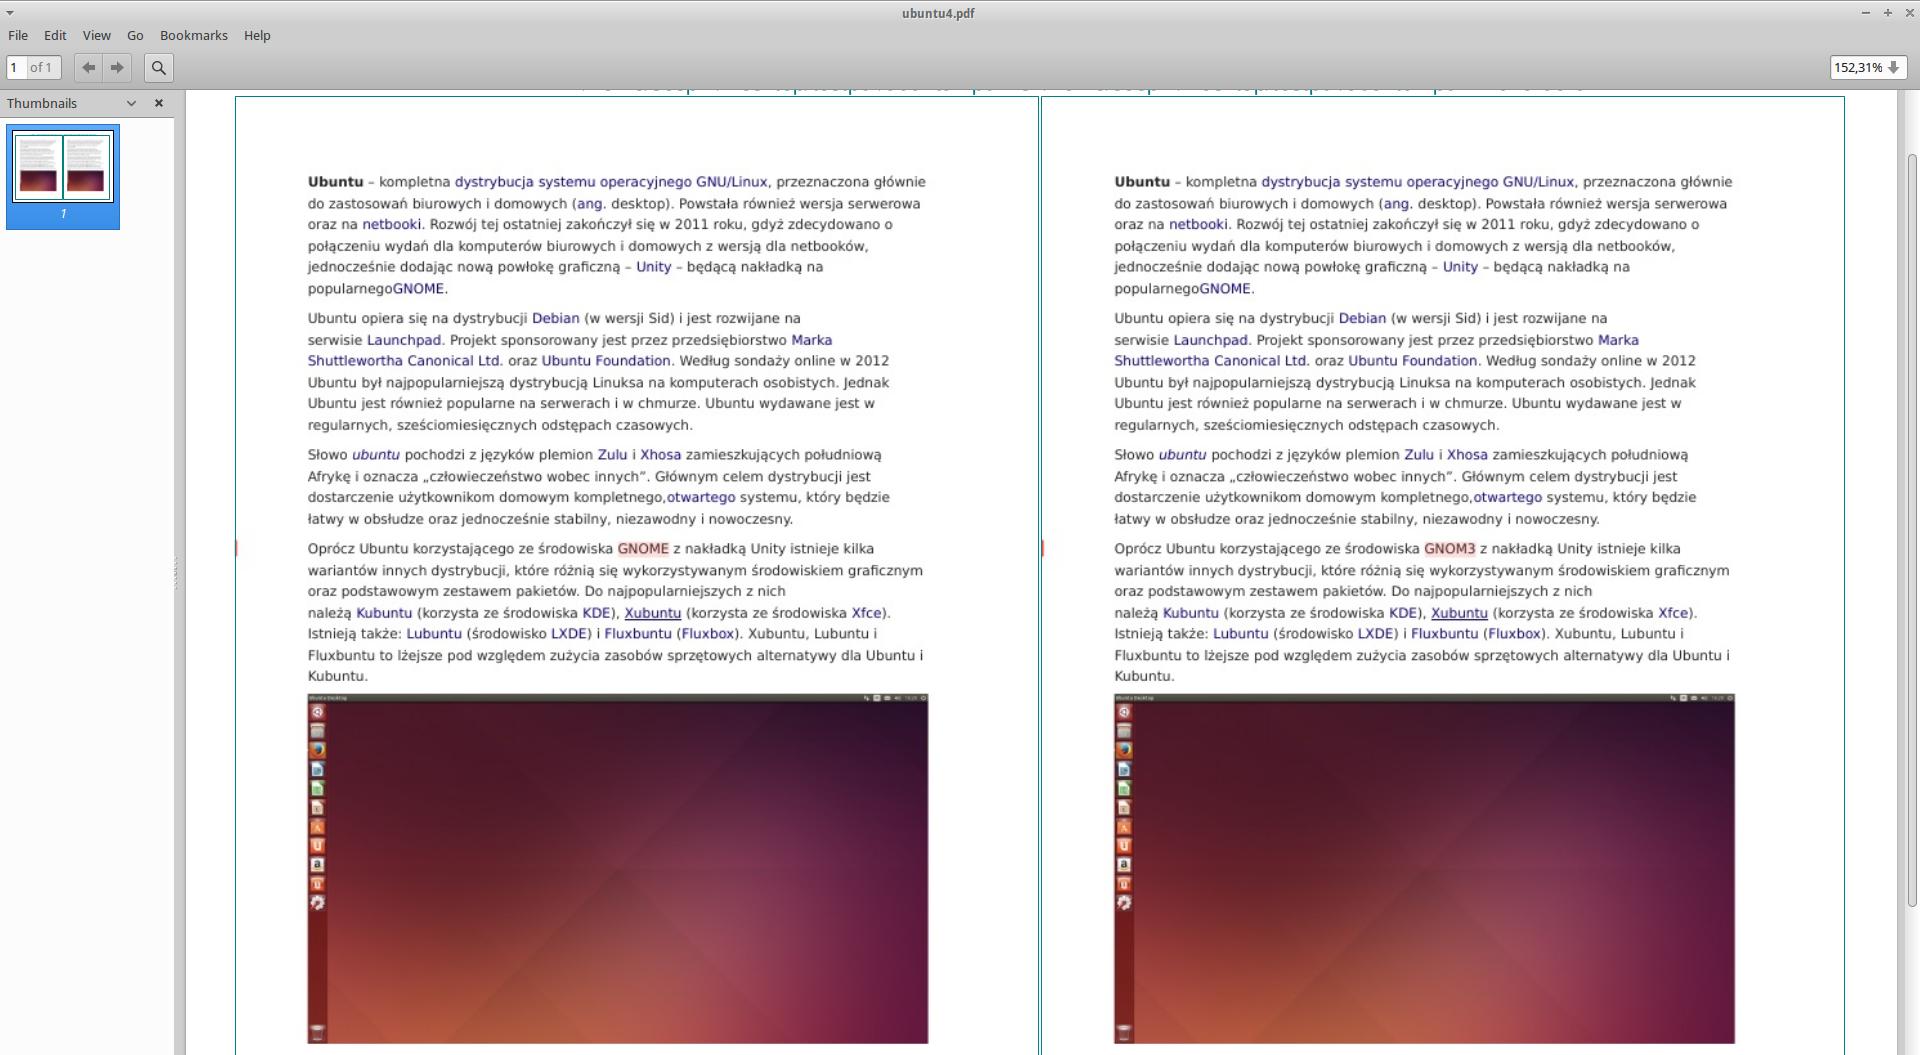 techfreak-diffPDF-ubuntu-porownywanie-plikow-zapis-pdf